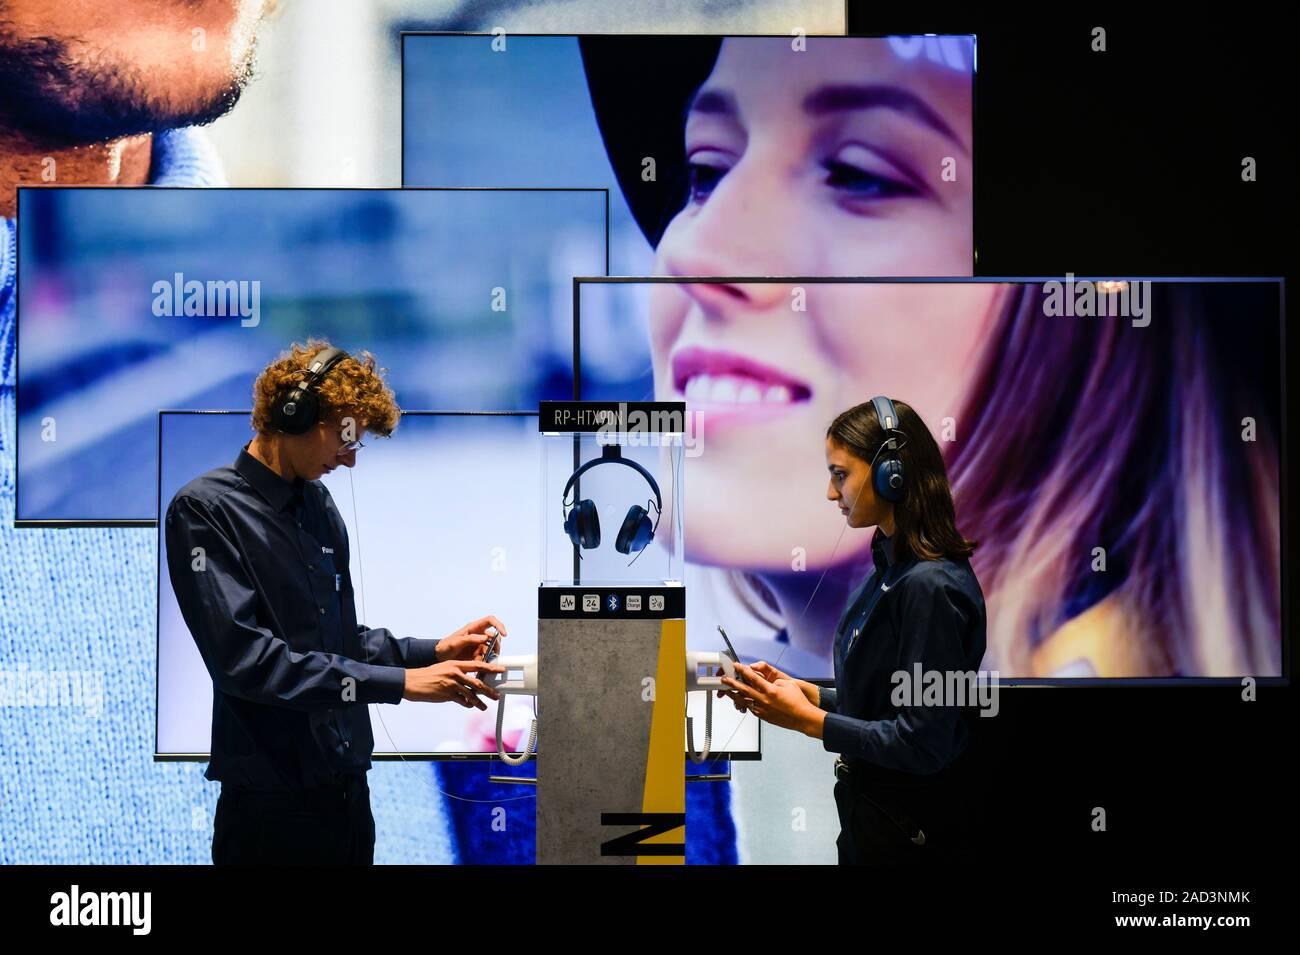 Kopfhörer RP HTX90N von Panasonic, Internationale Funkaustellung, Berlin 2019, Deutschland Stock Photo